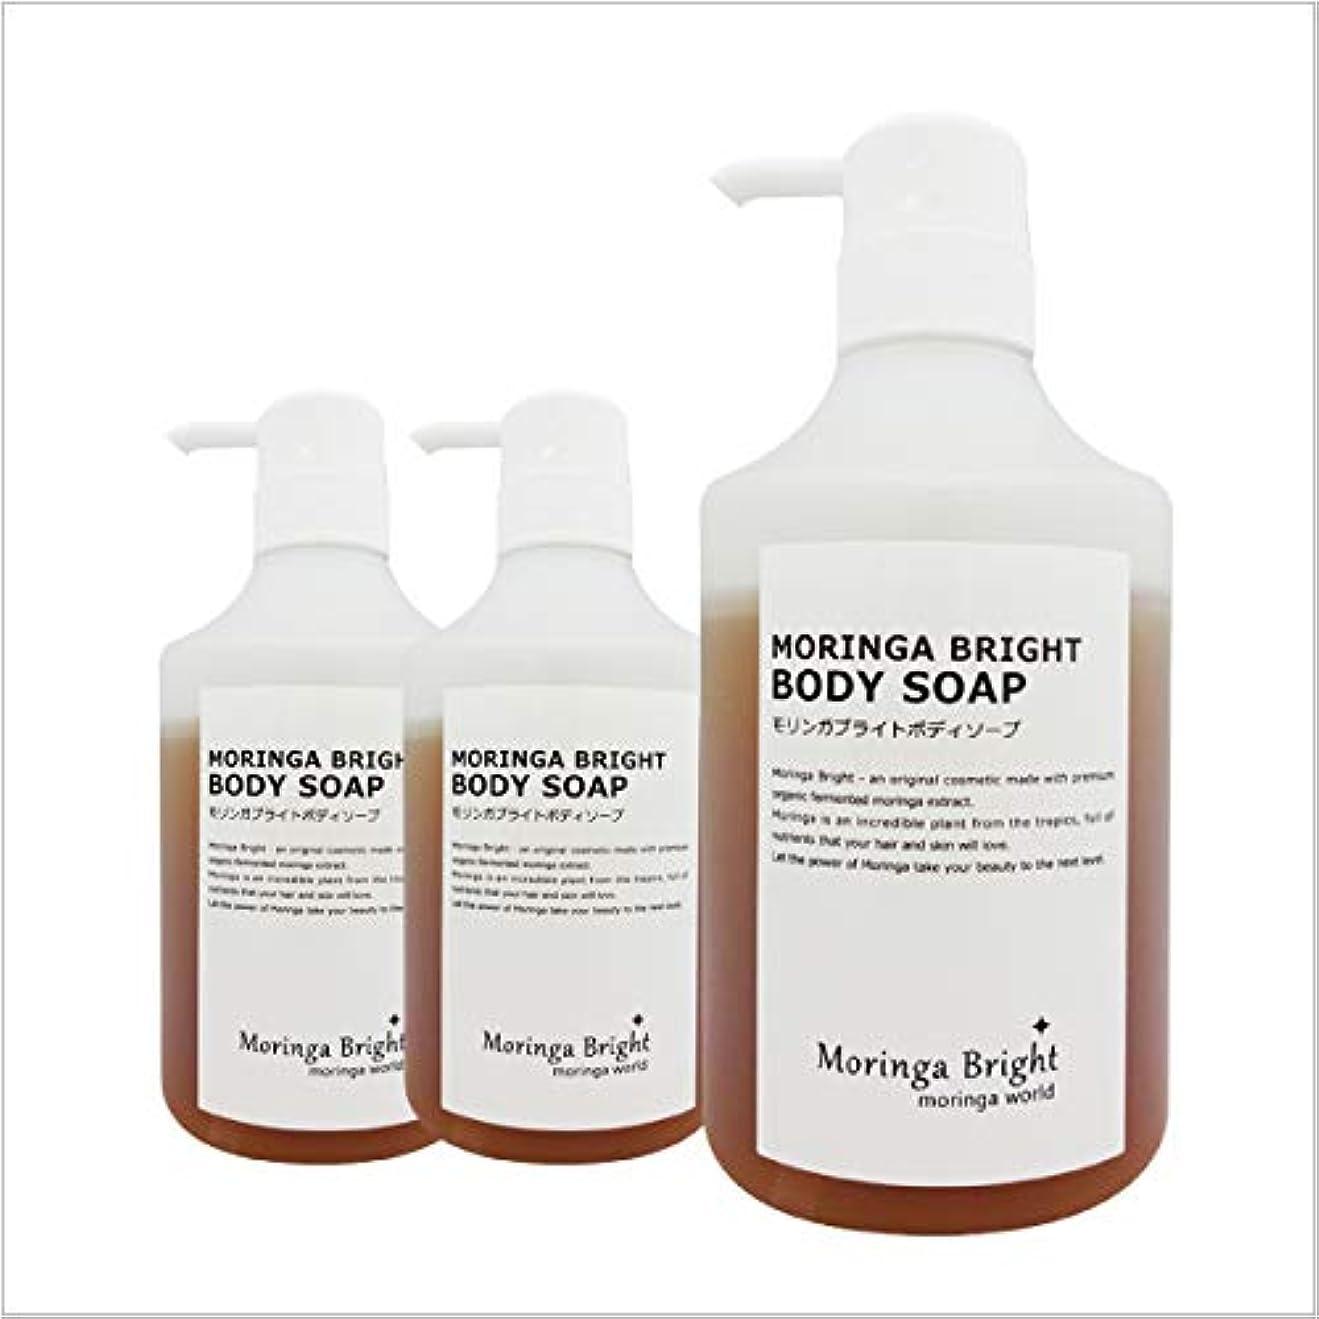 つぶす然とした上へモリンガブライトボディソープ(450ml x 3本)洗顔もできる無添加ボディソープ オーガニックモリンガを乳酸発酵させた保湿美容成分「発酵モリンガエキス」配合」